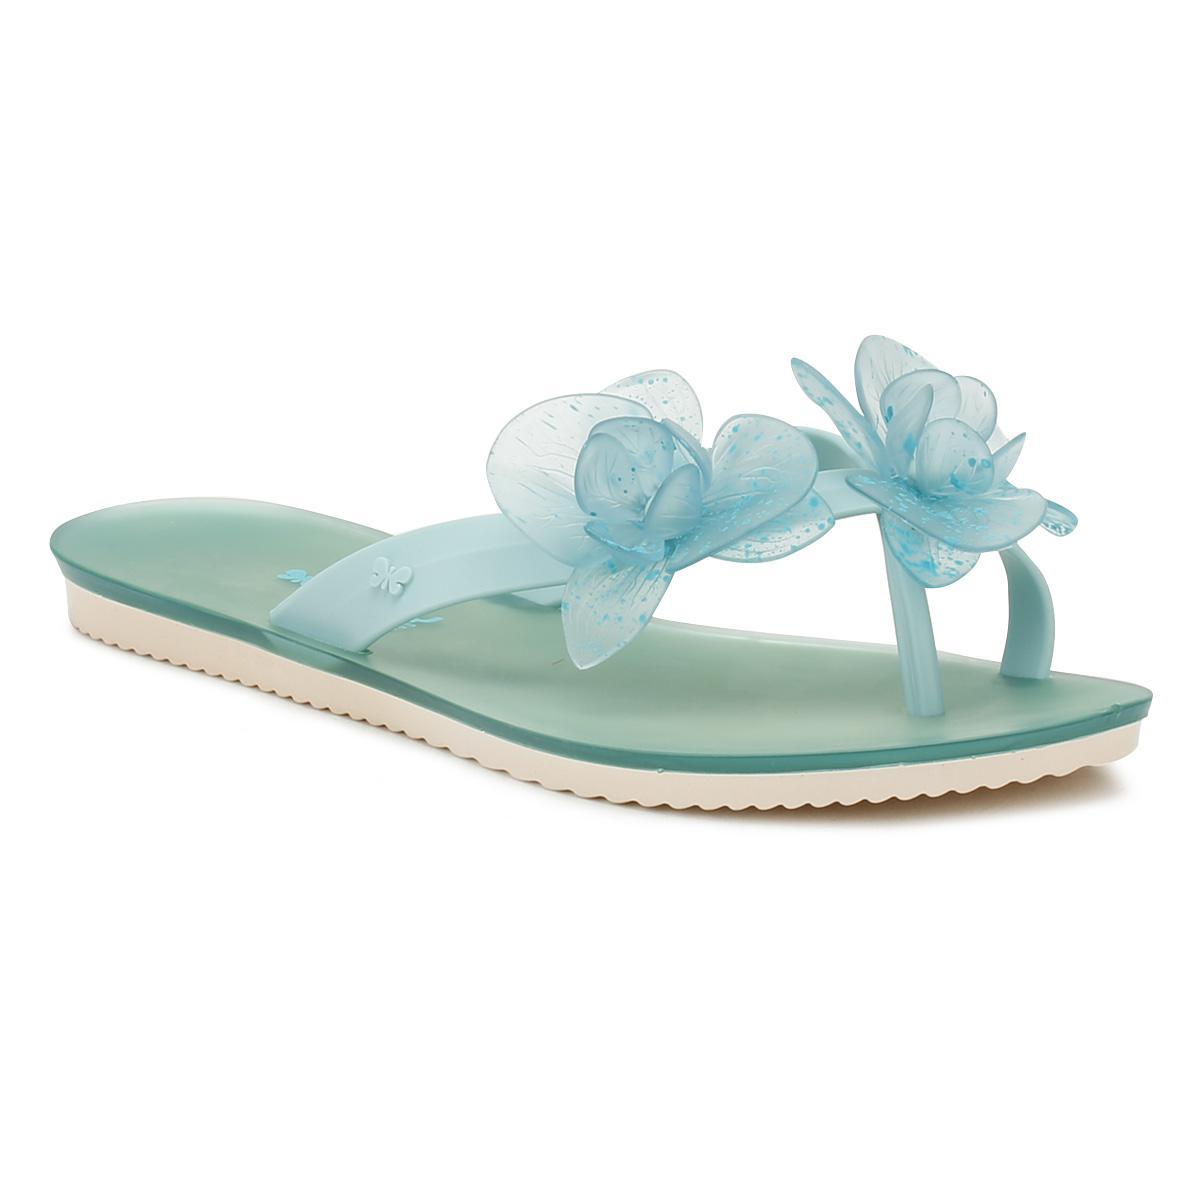 981cc7a021112 Zaxy Womens Aqua Ice Flower Flip Flops in Blue - Save ...